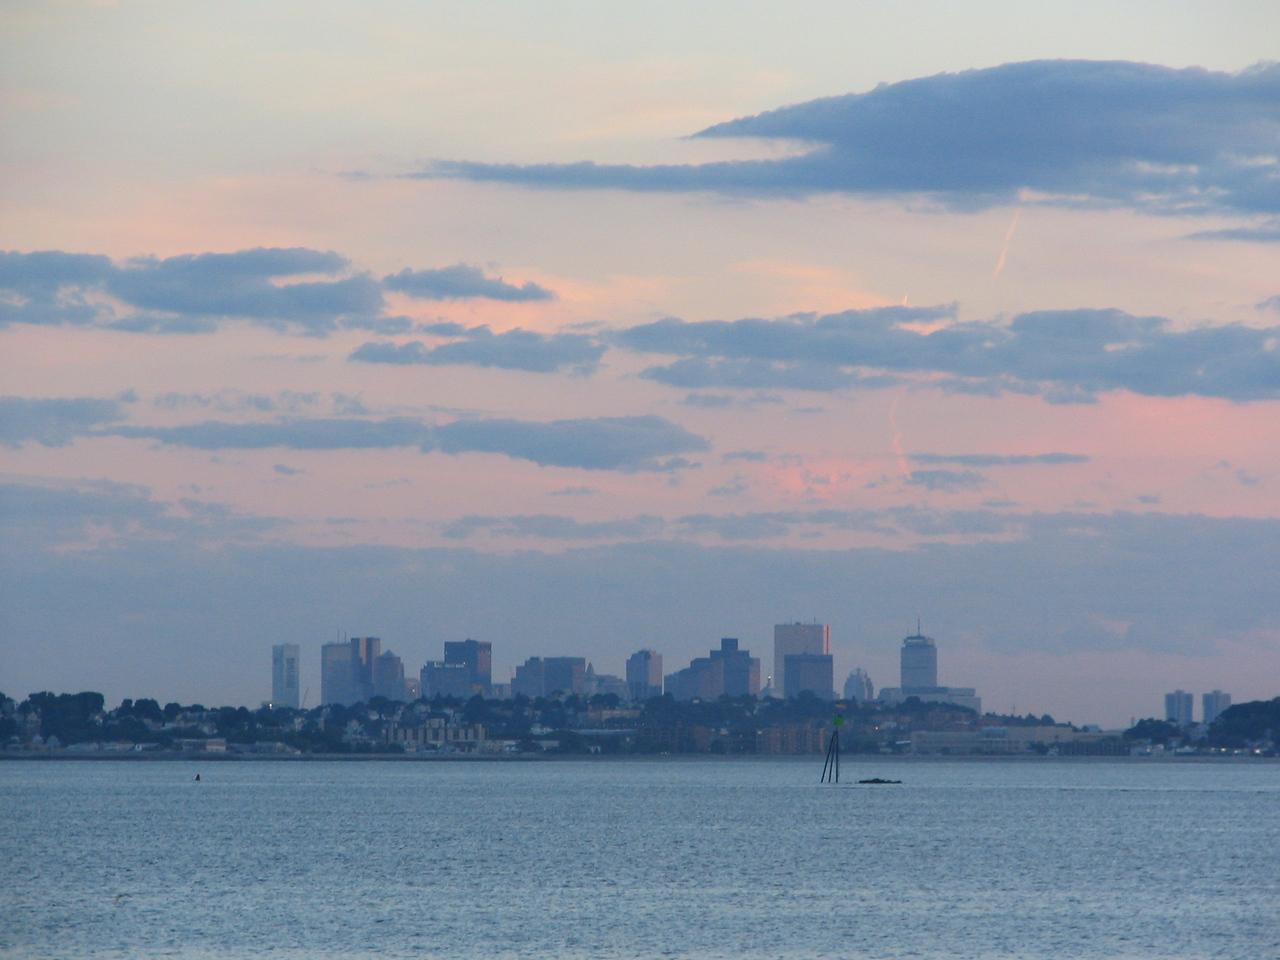 Boston skyline taken from Nahant Causeway